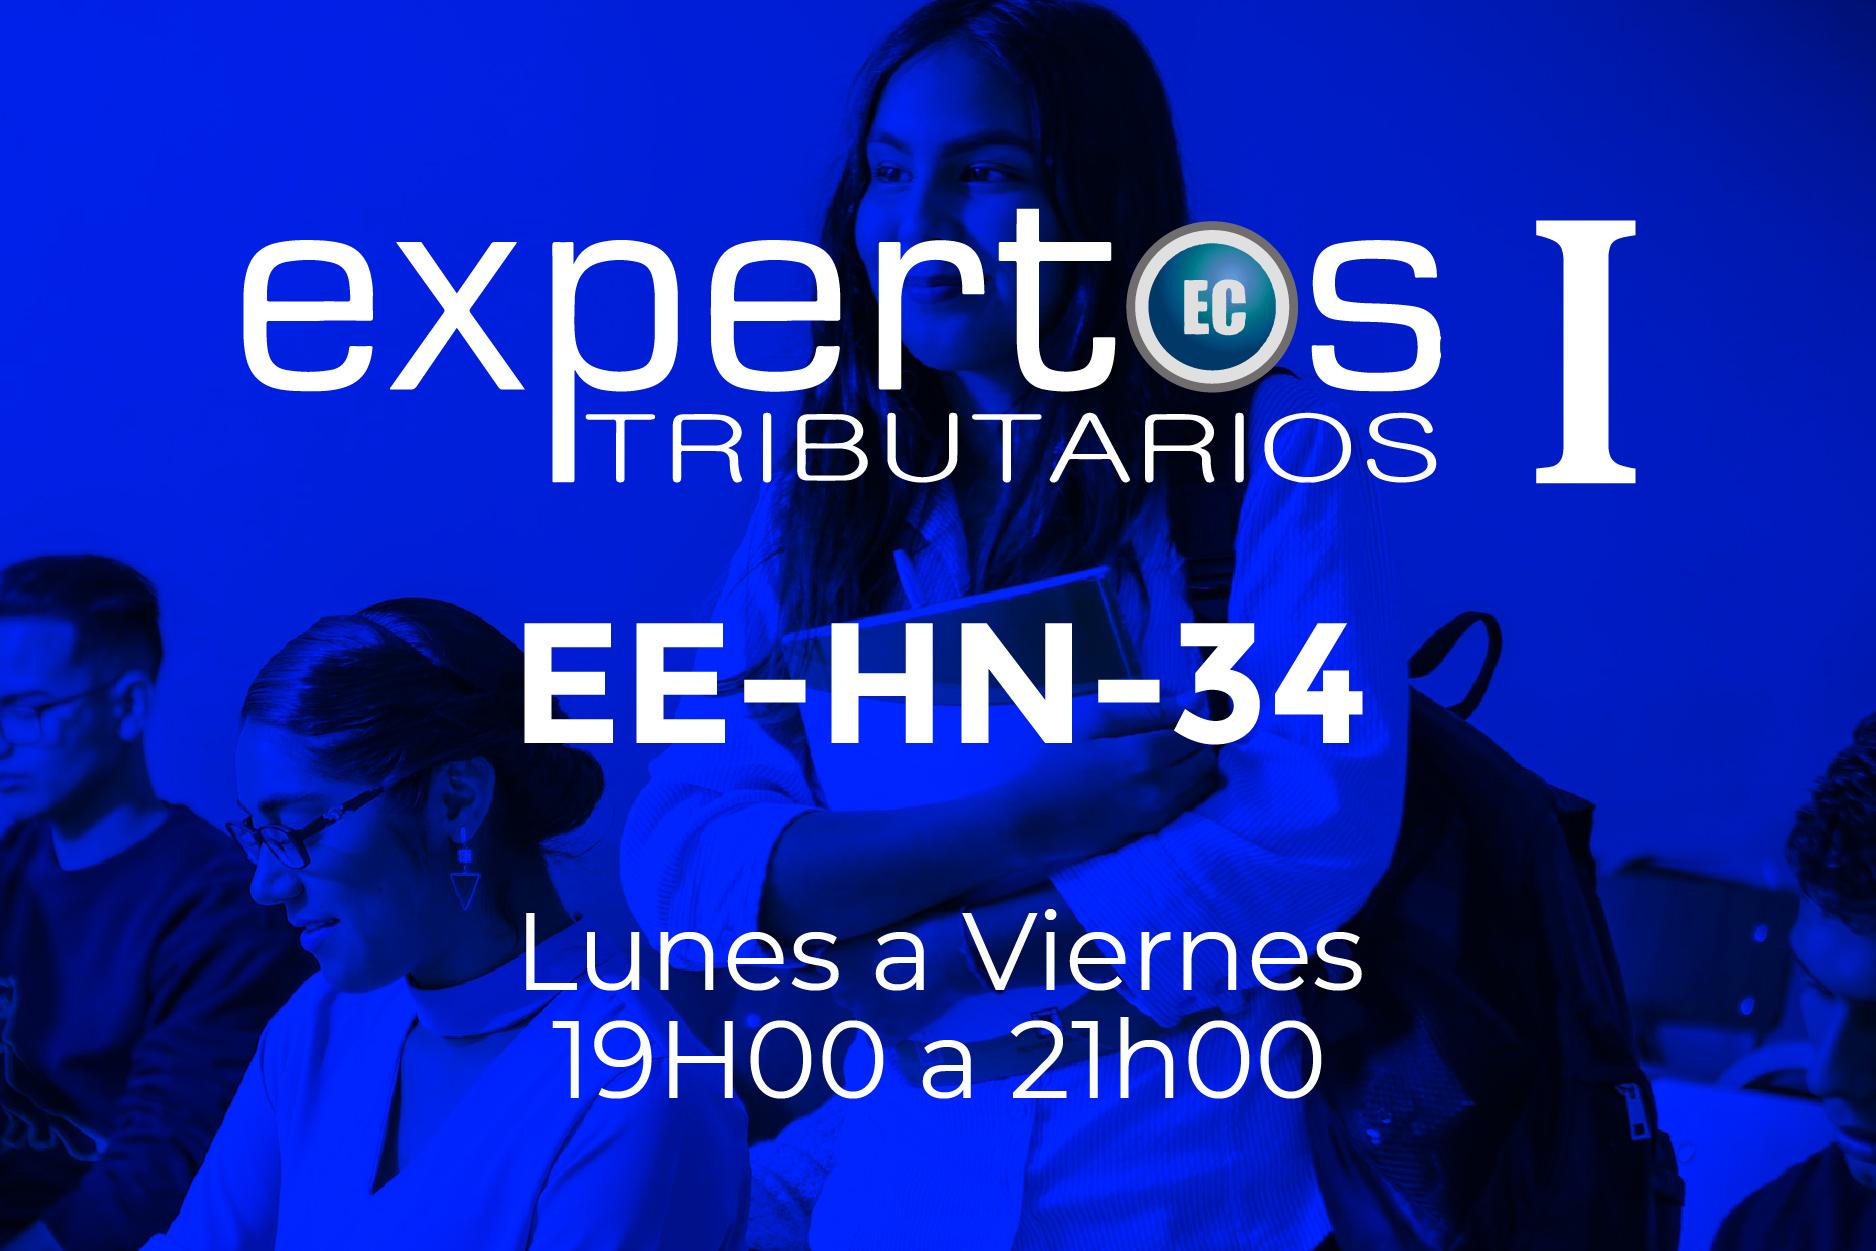 34 - EXPERTOS TRIBUTARIOS - LUNES A VIERNES - 19:00 A 21:00